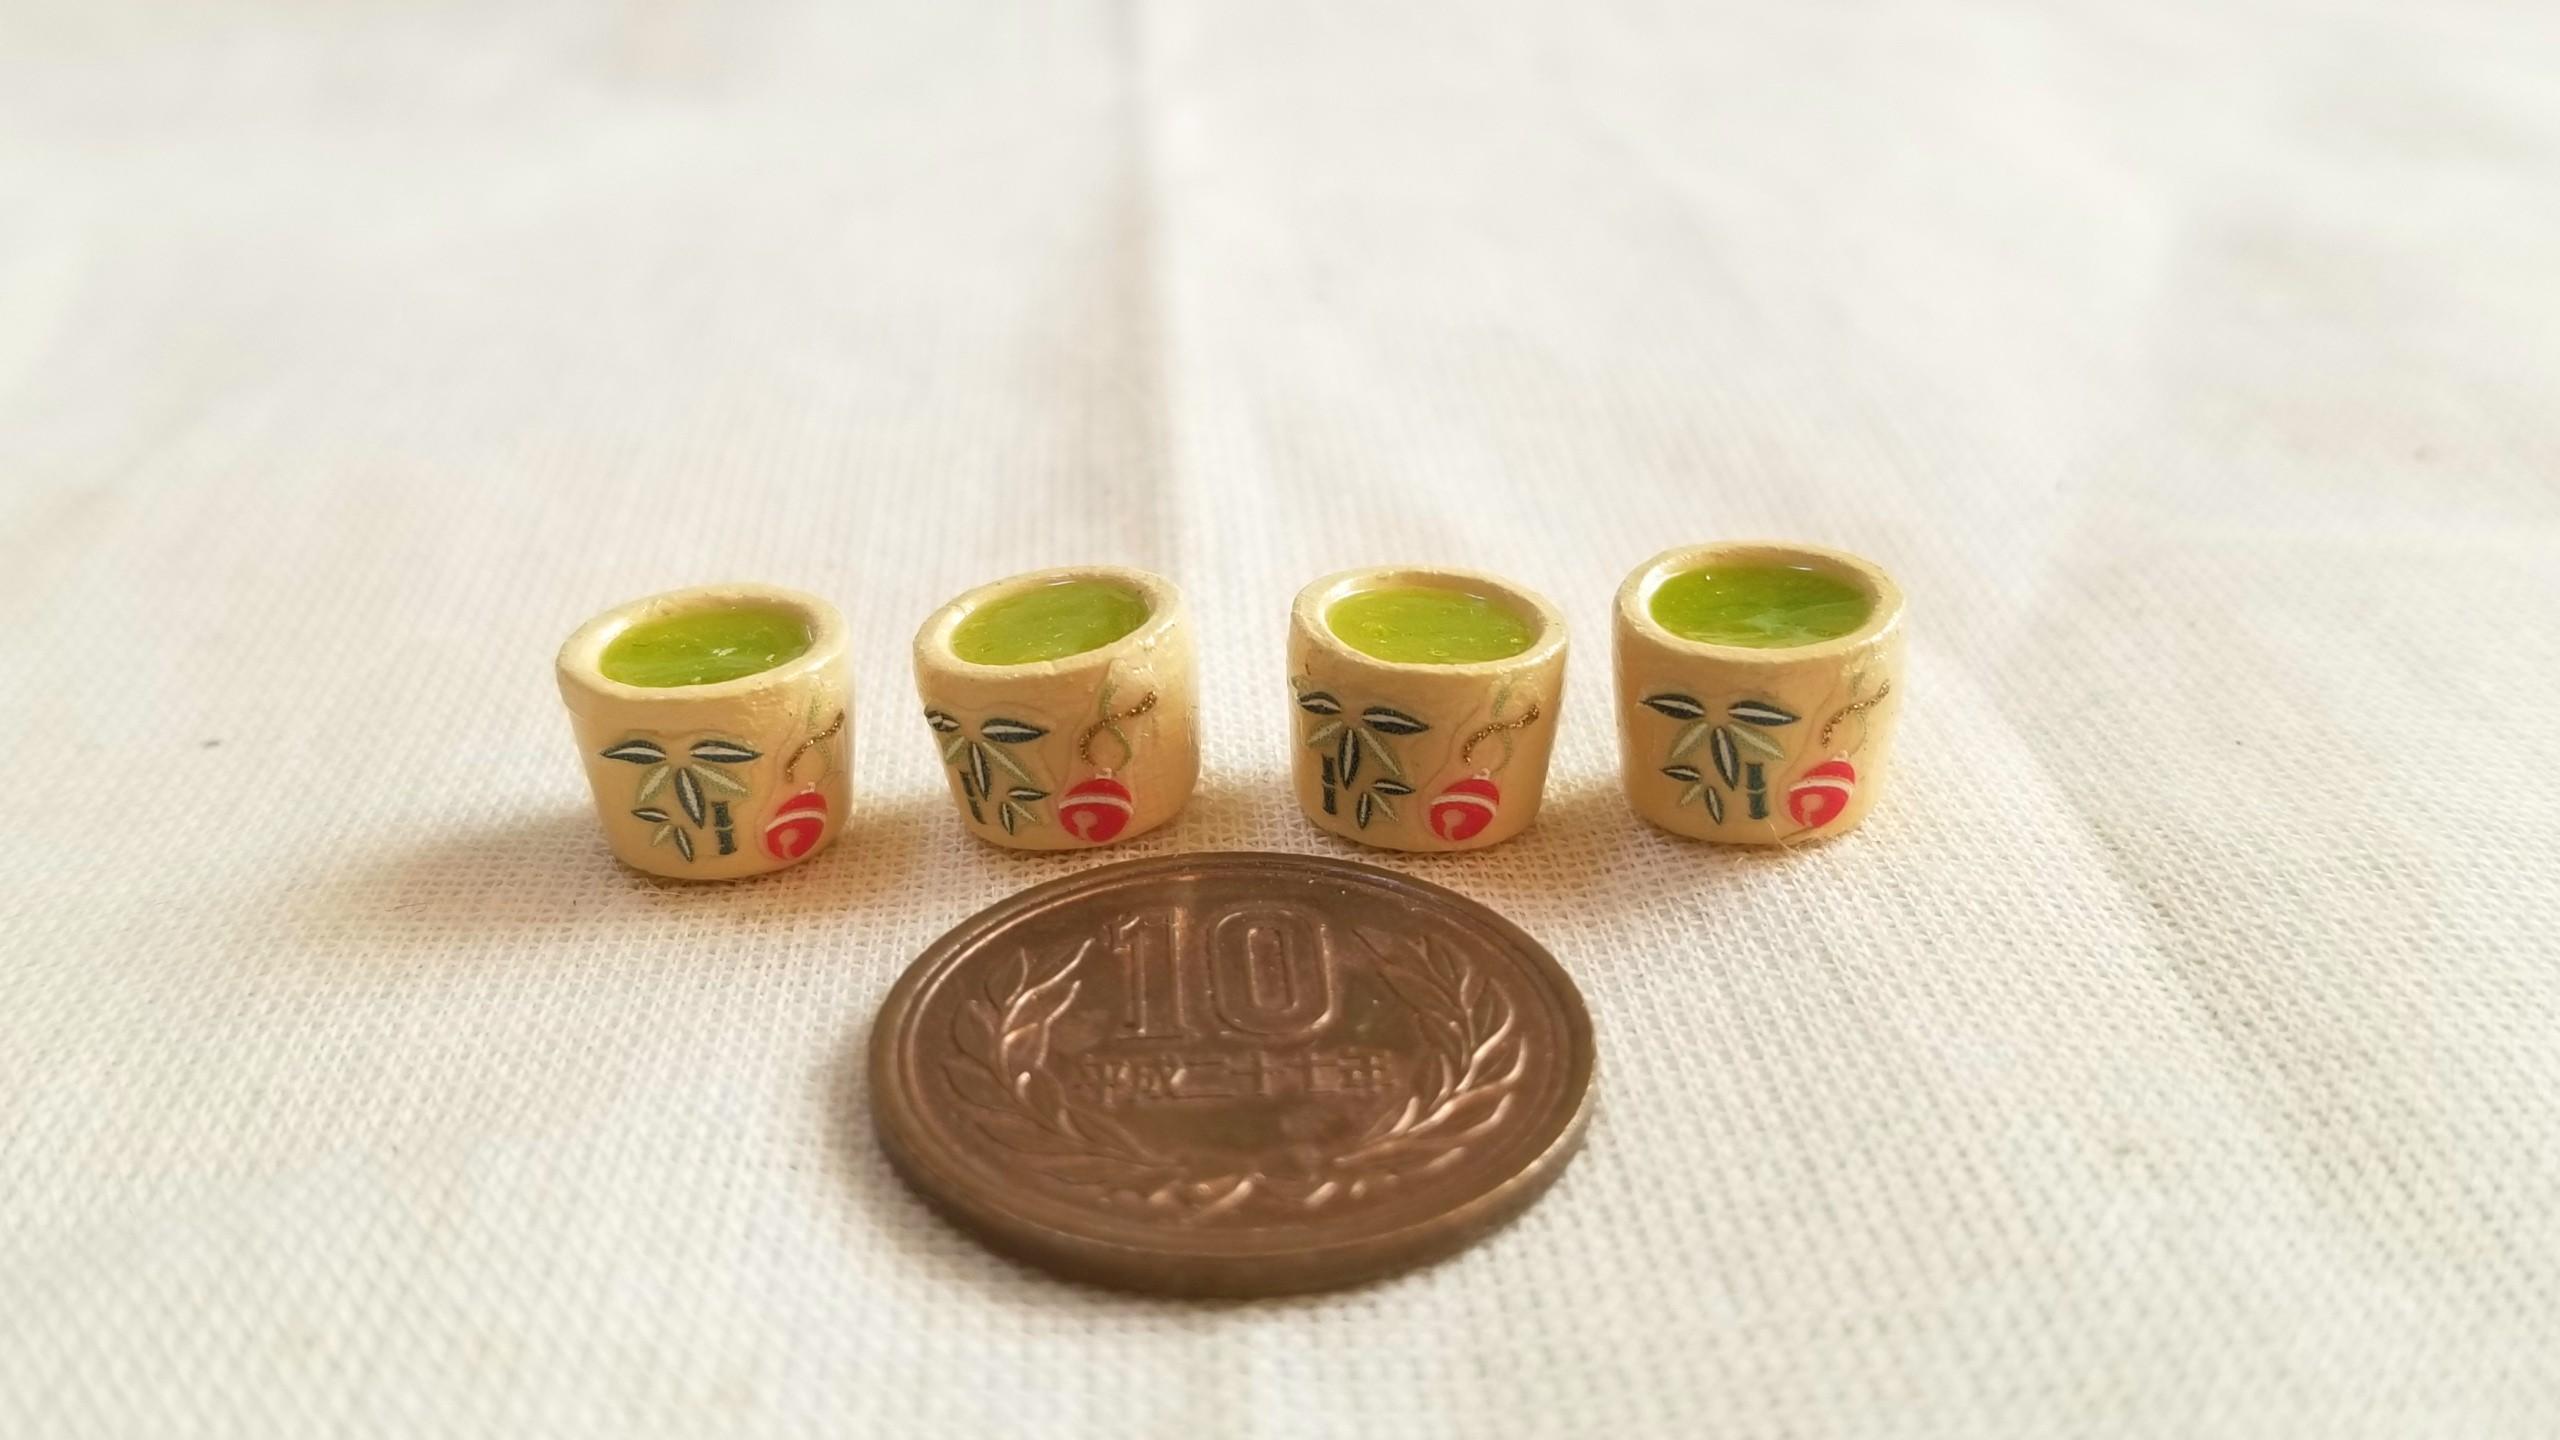 抹茶,レジン,竹椿柄,ミニチュア,リカちゃん,バービー人形,ドール